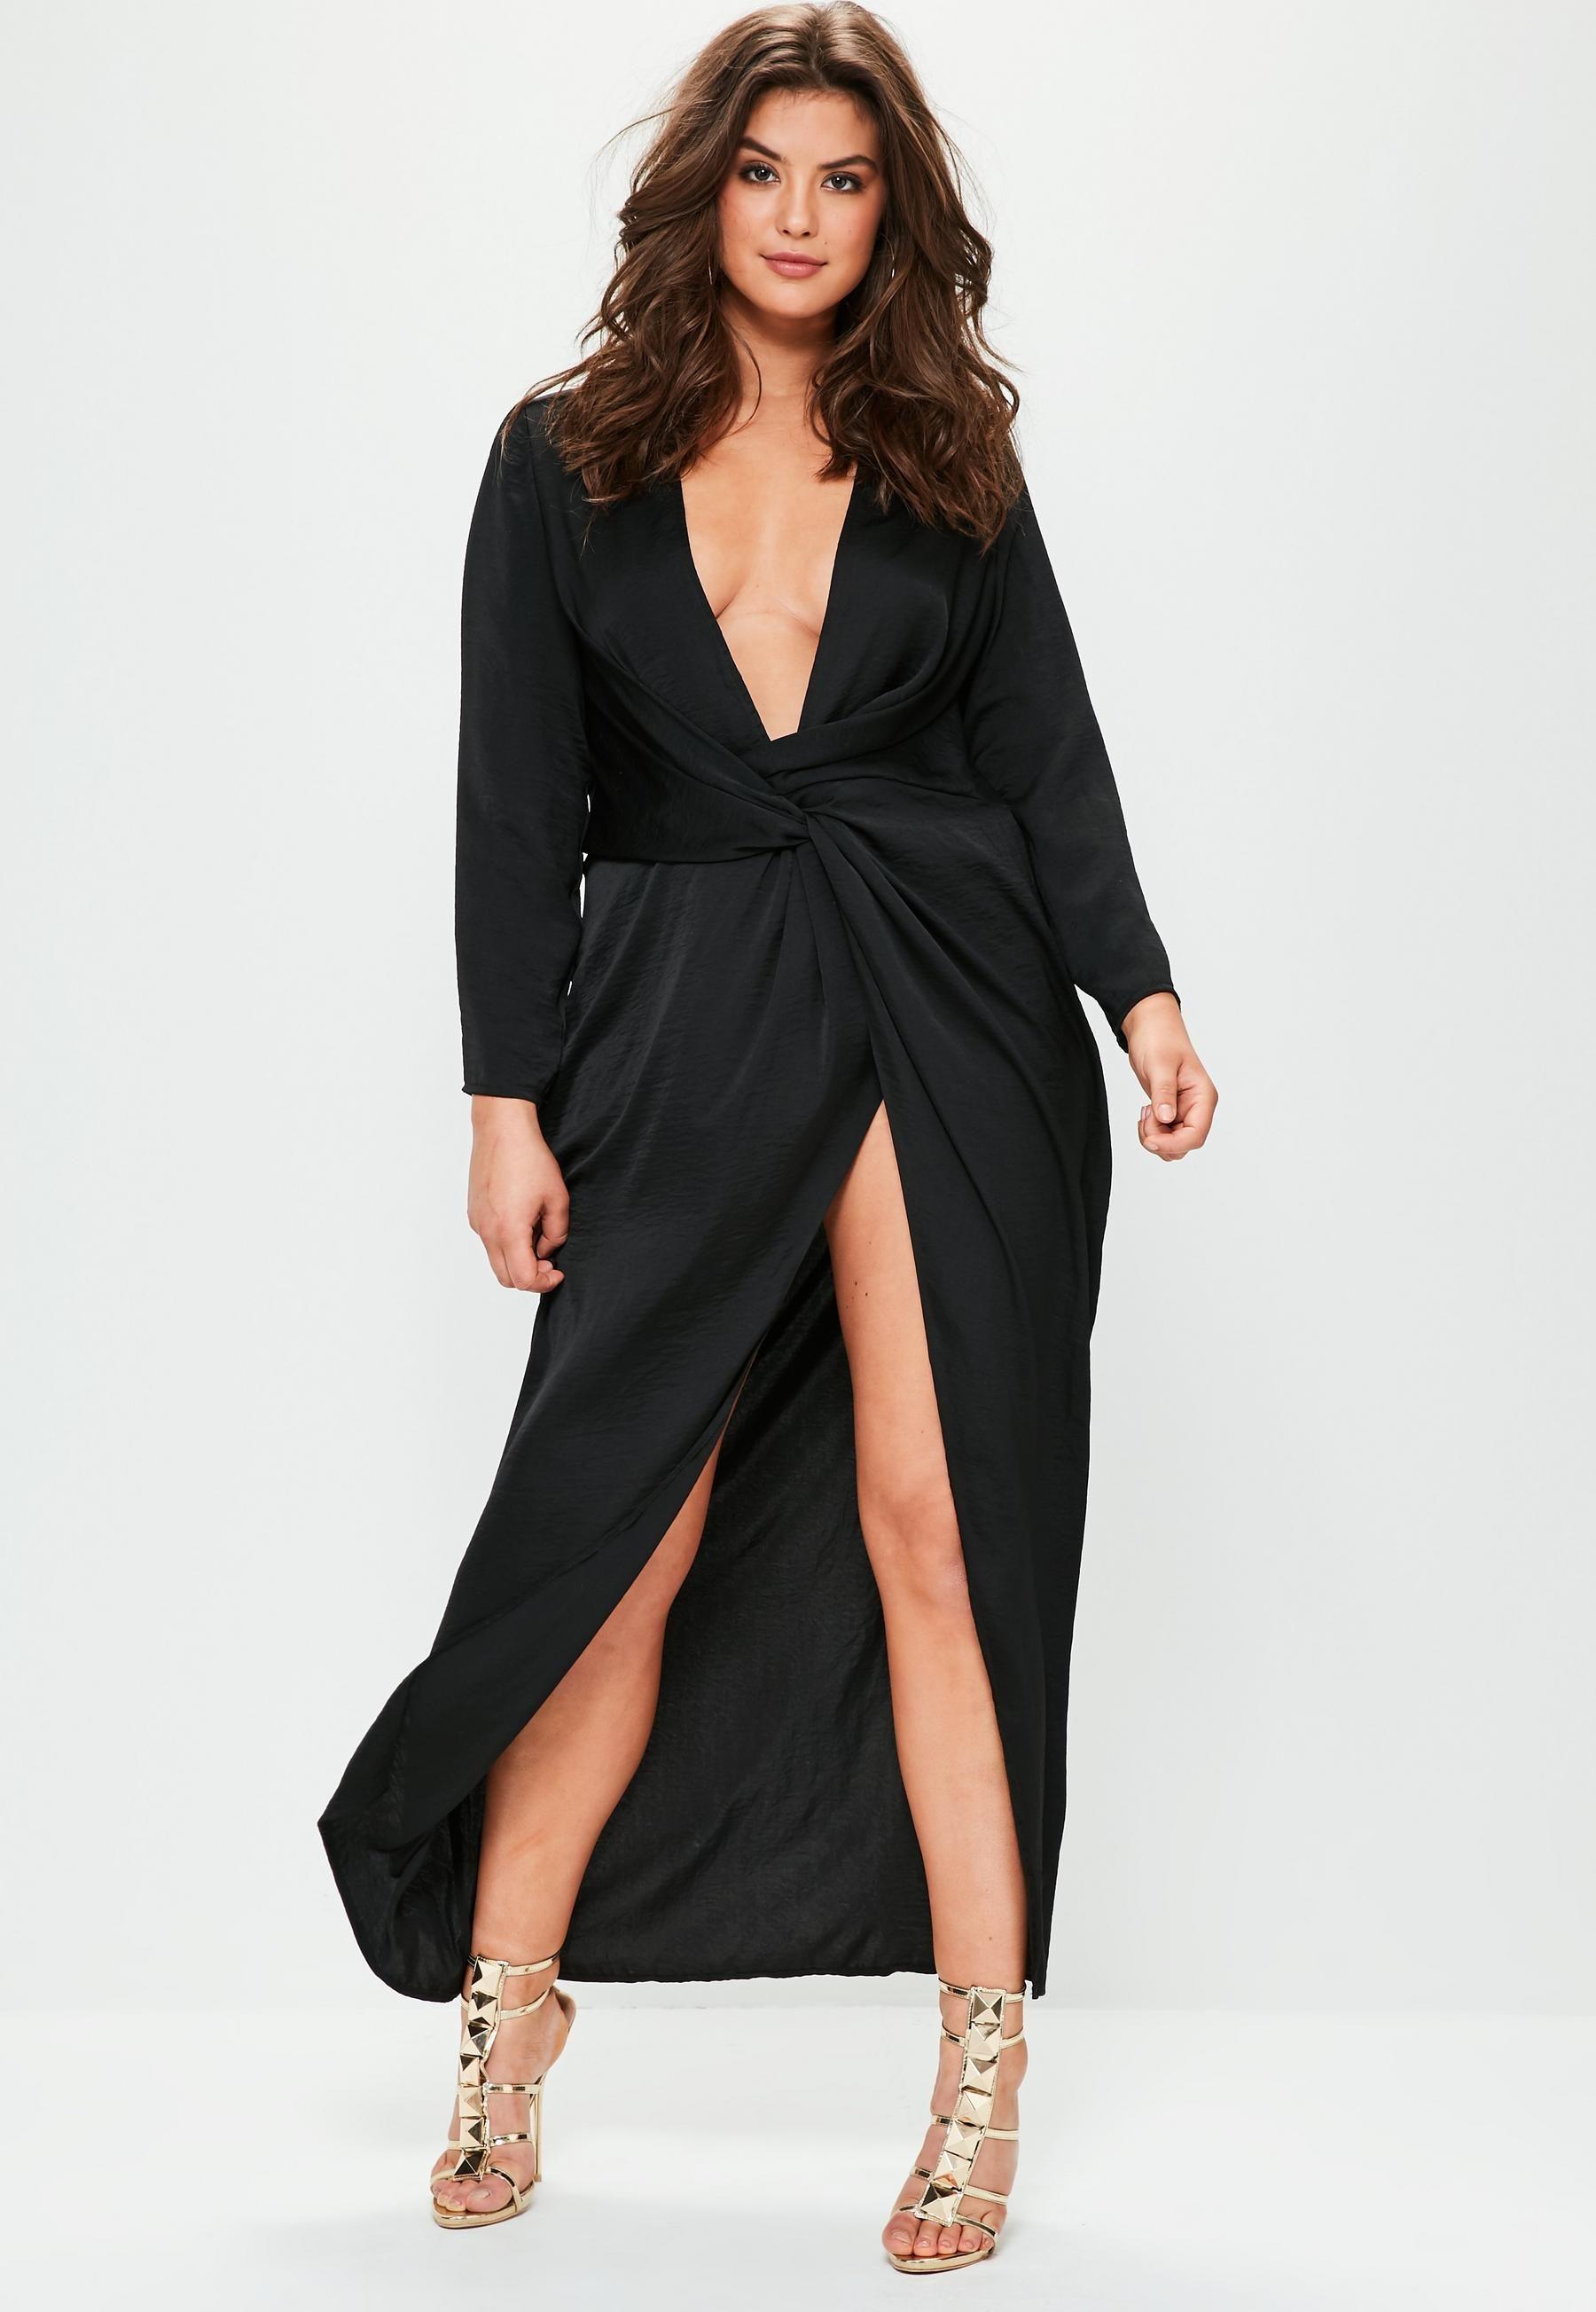 Plus Size Black Satin Thigh Split Wrap Maxi Dress  7c61954b2